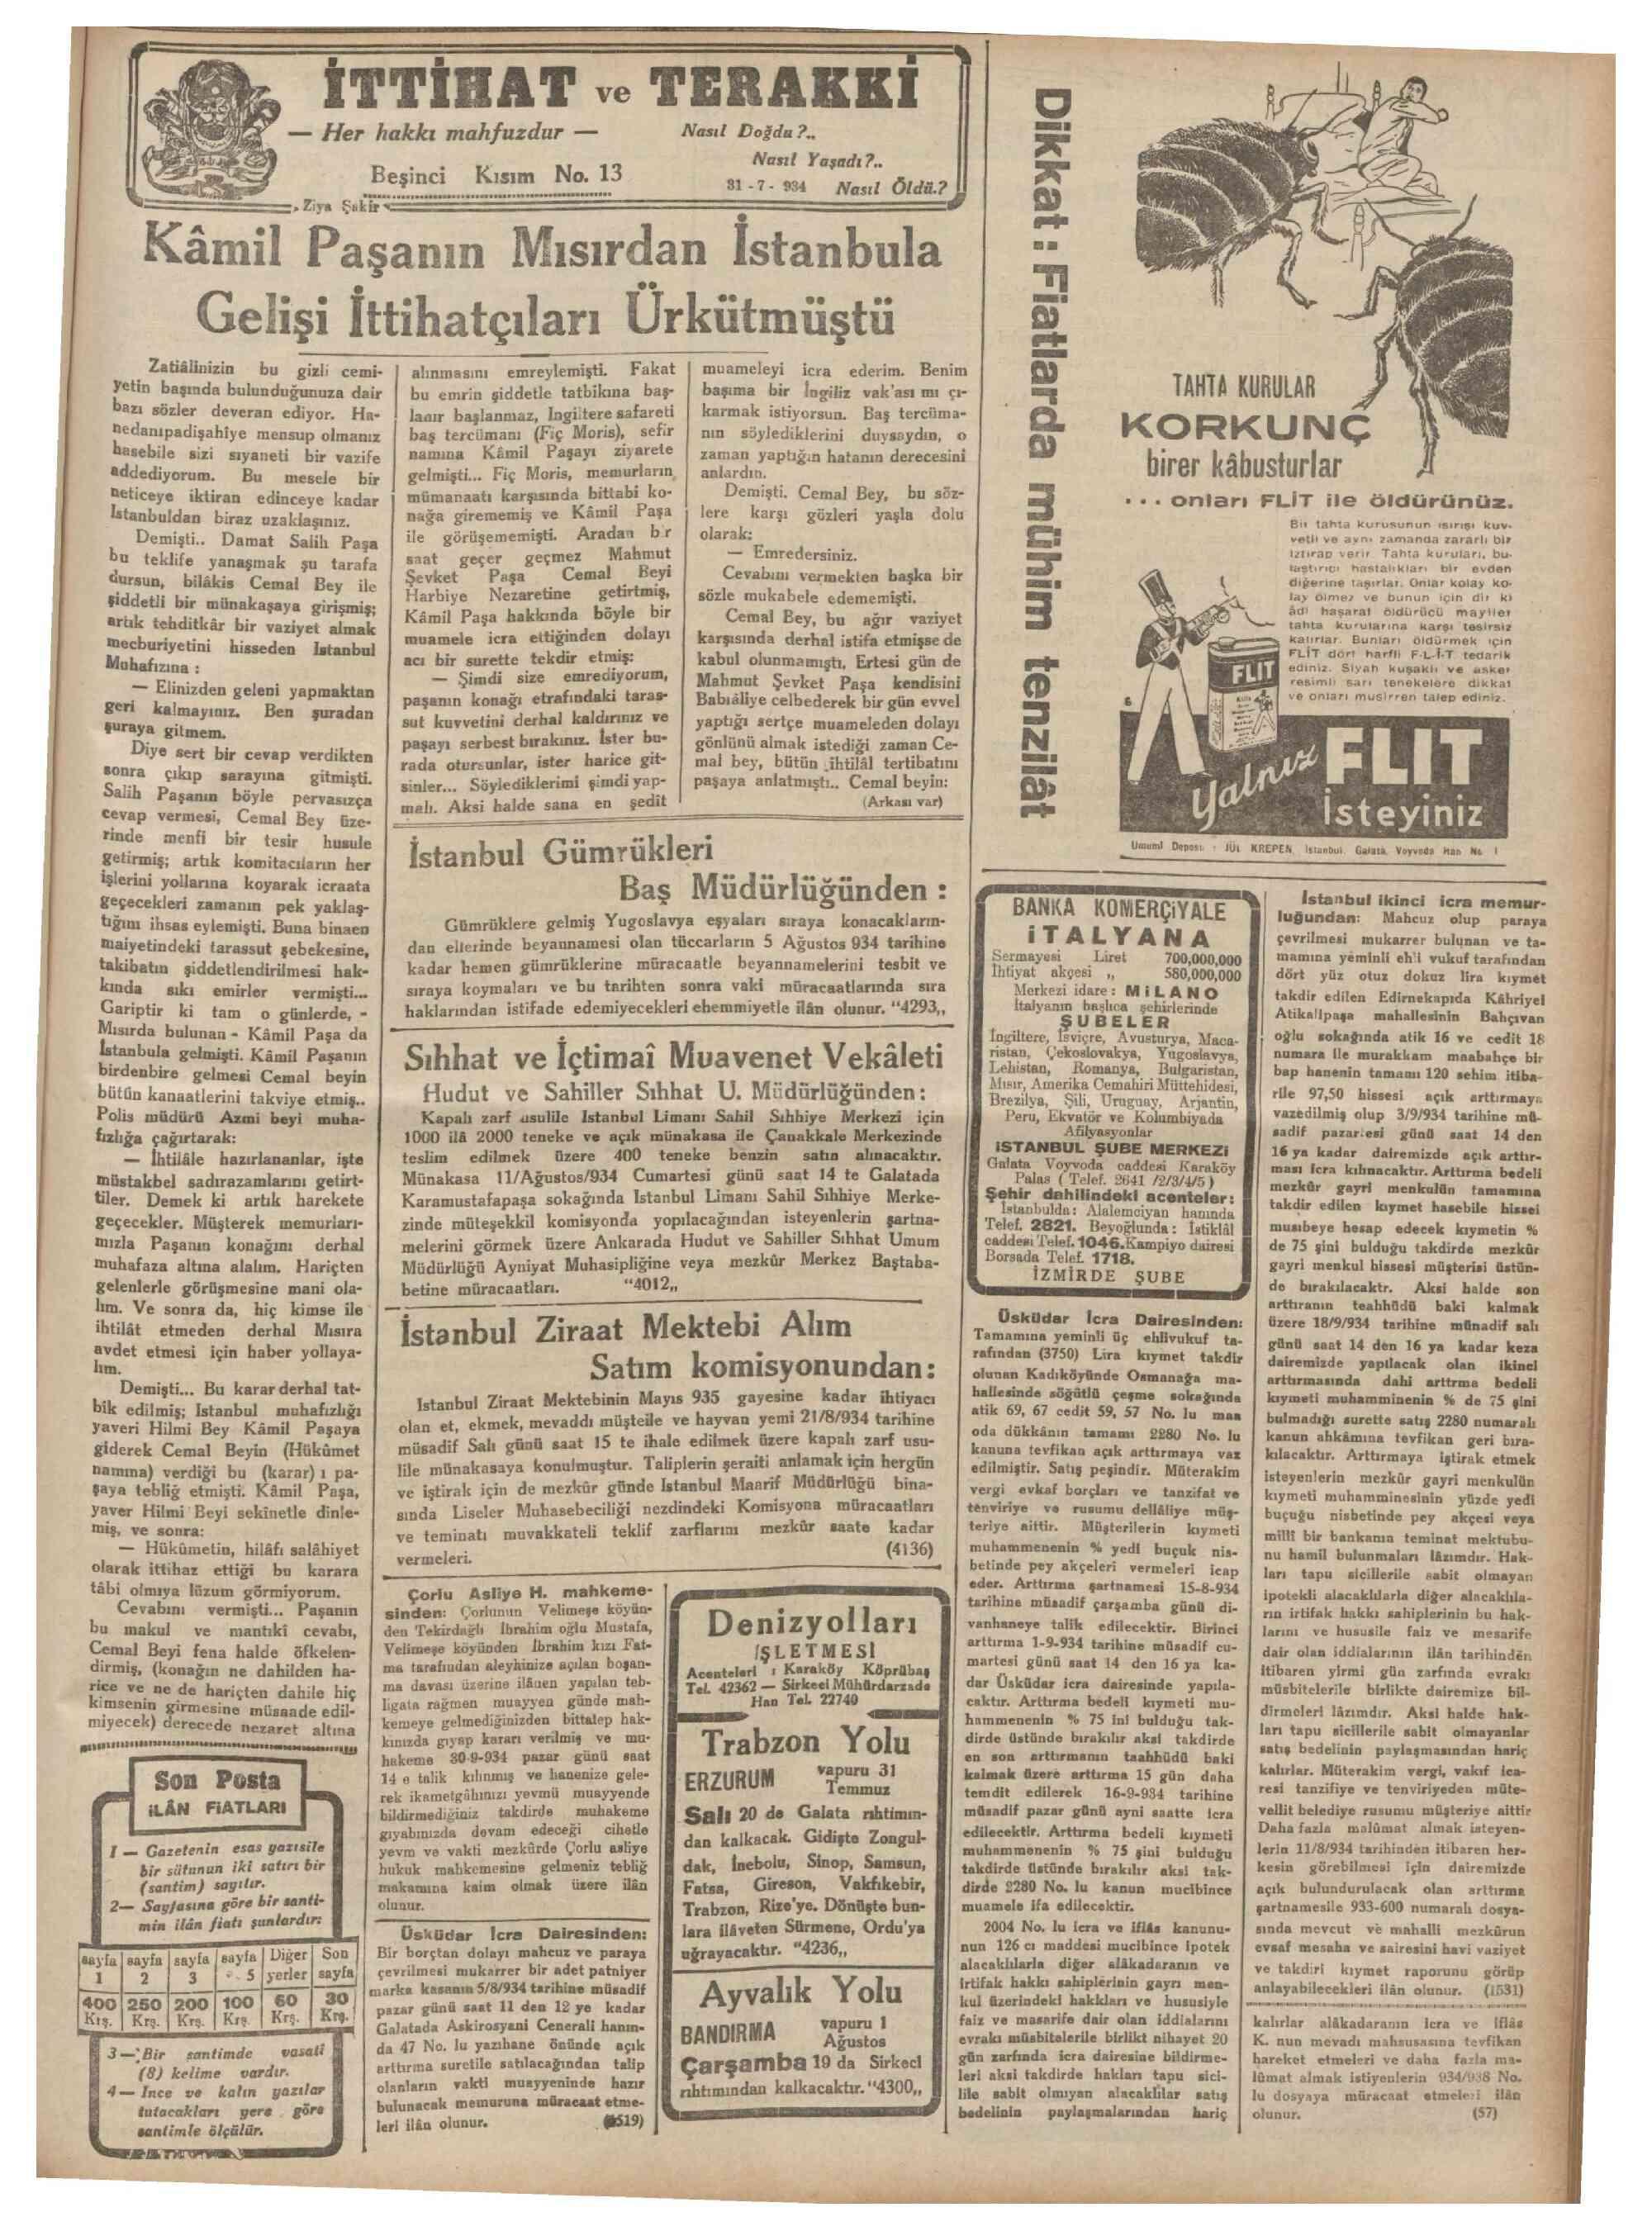 31 Temmuz 1934 Tarihli Son Posta Dergisi Sayfa 9